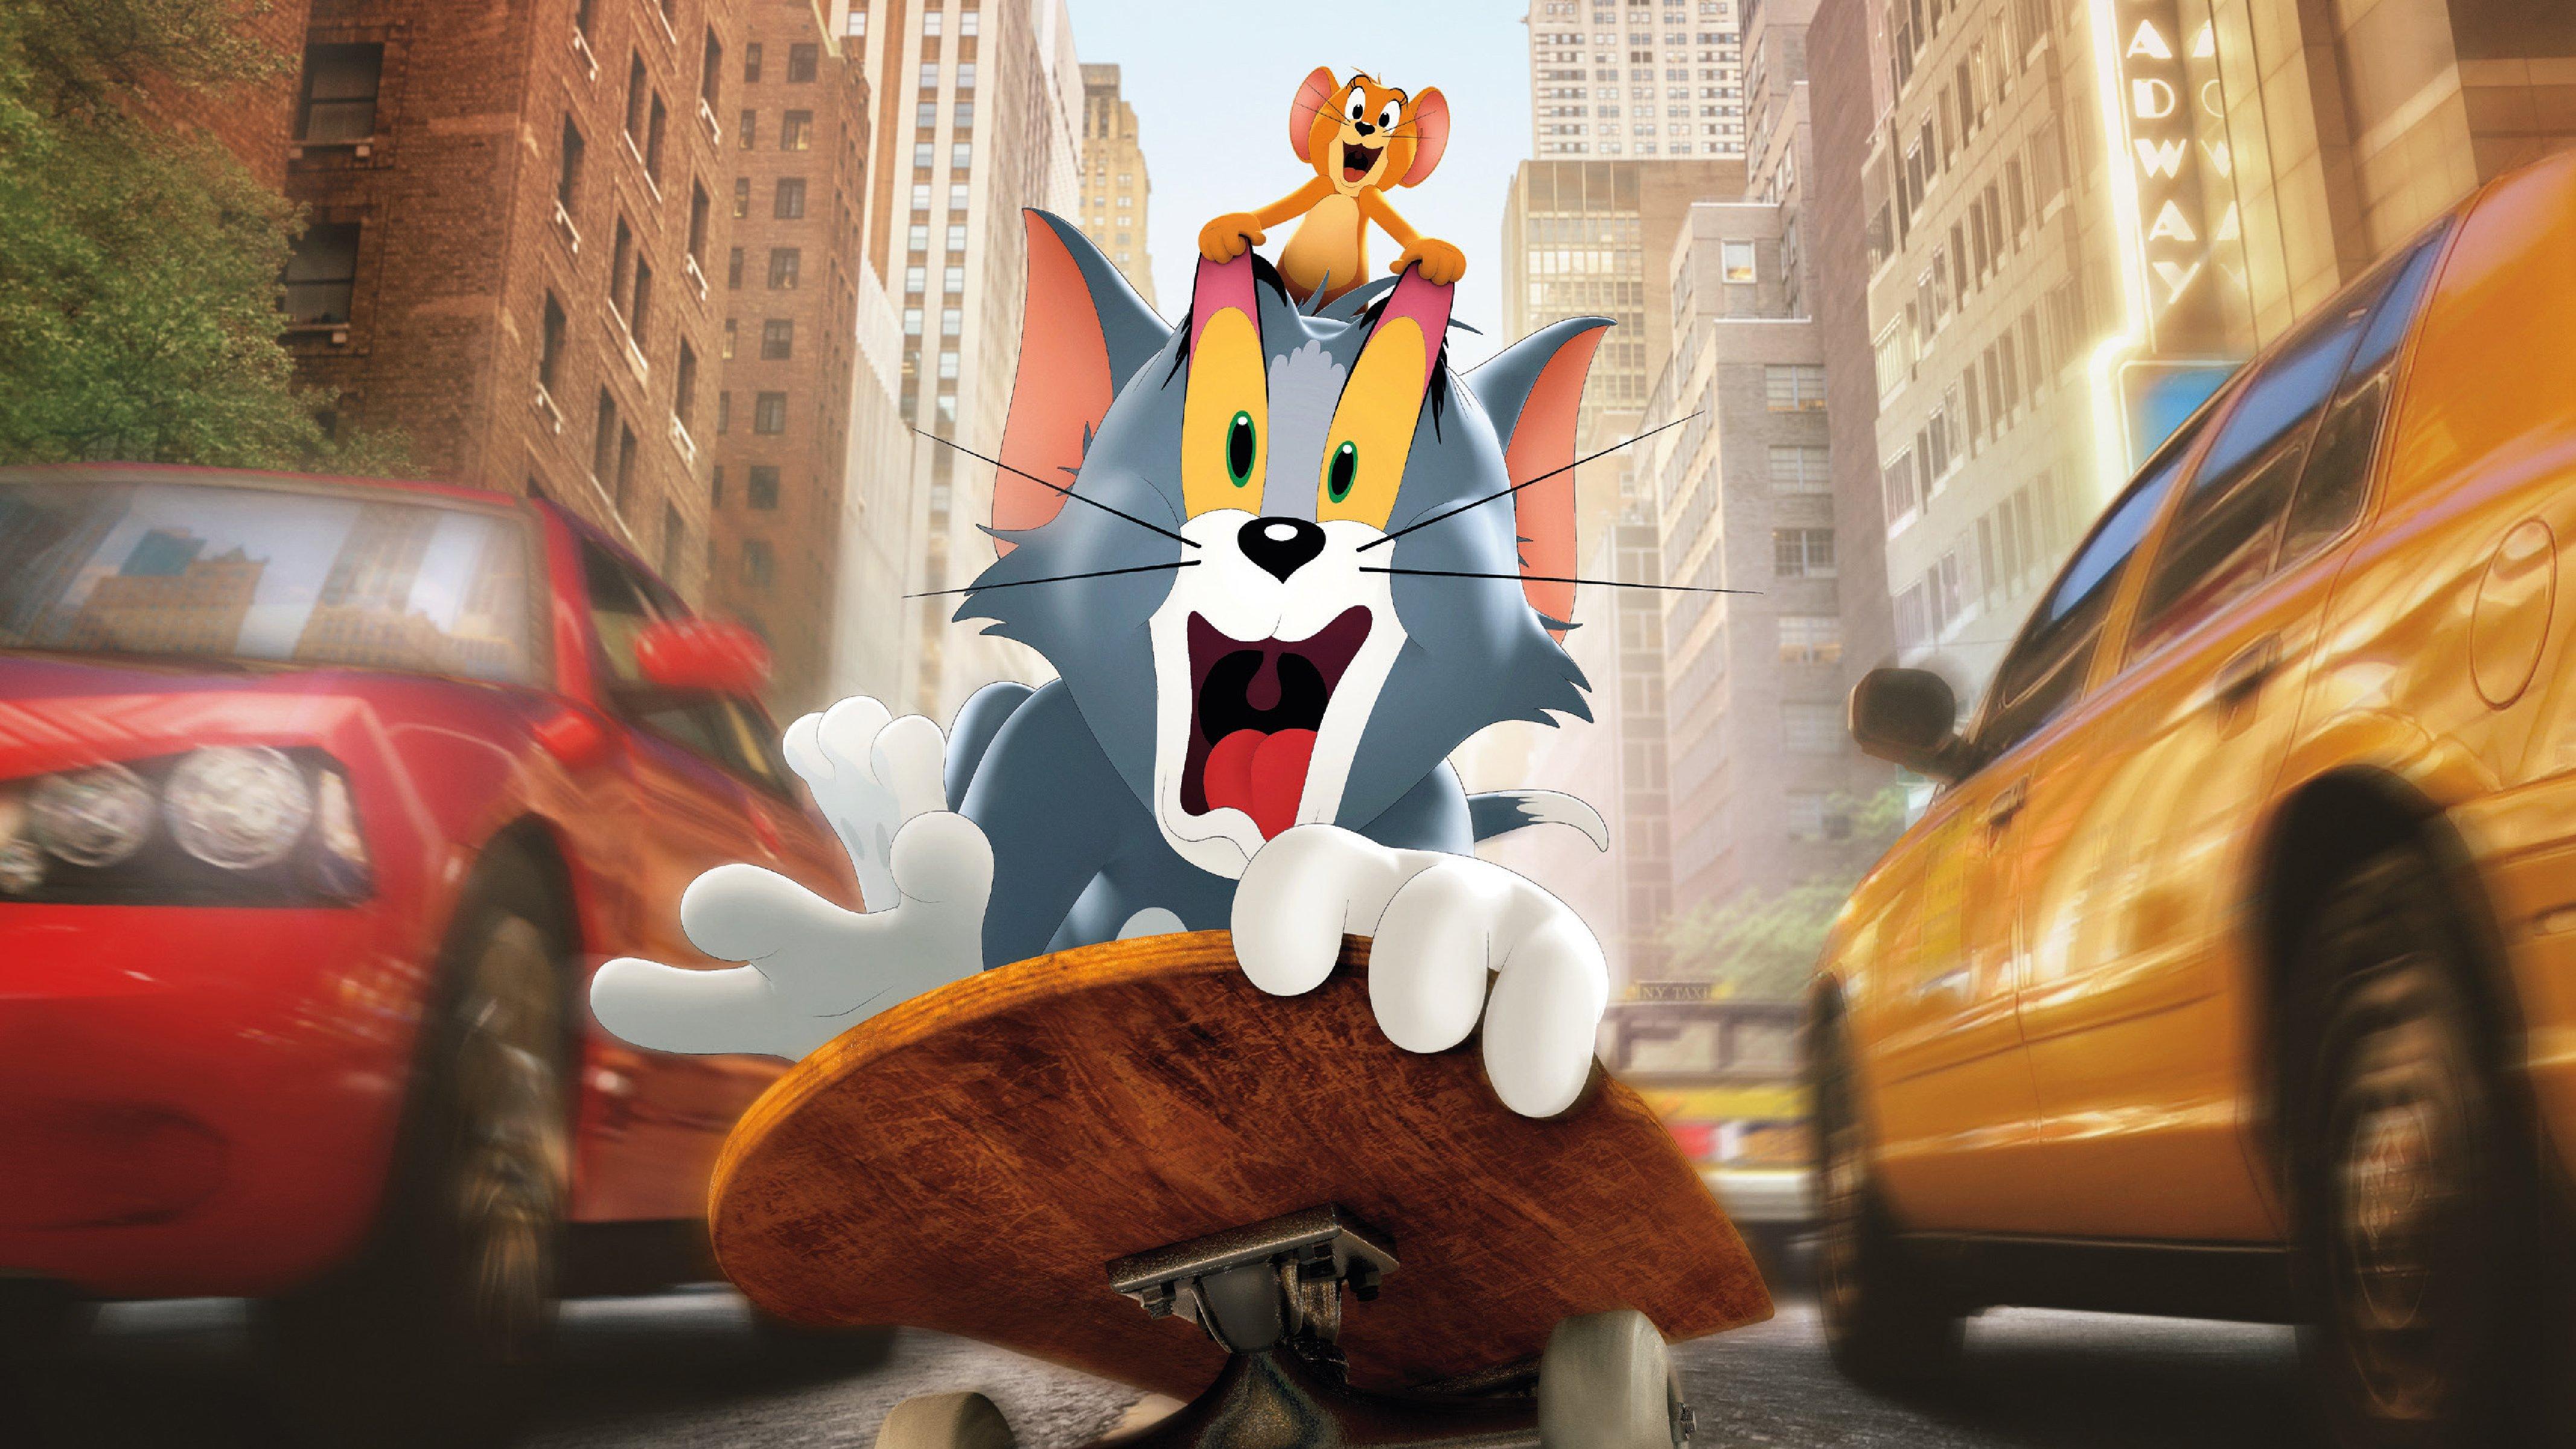 Fondos de pantalla Poster de la película Tom y Jerry